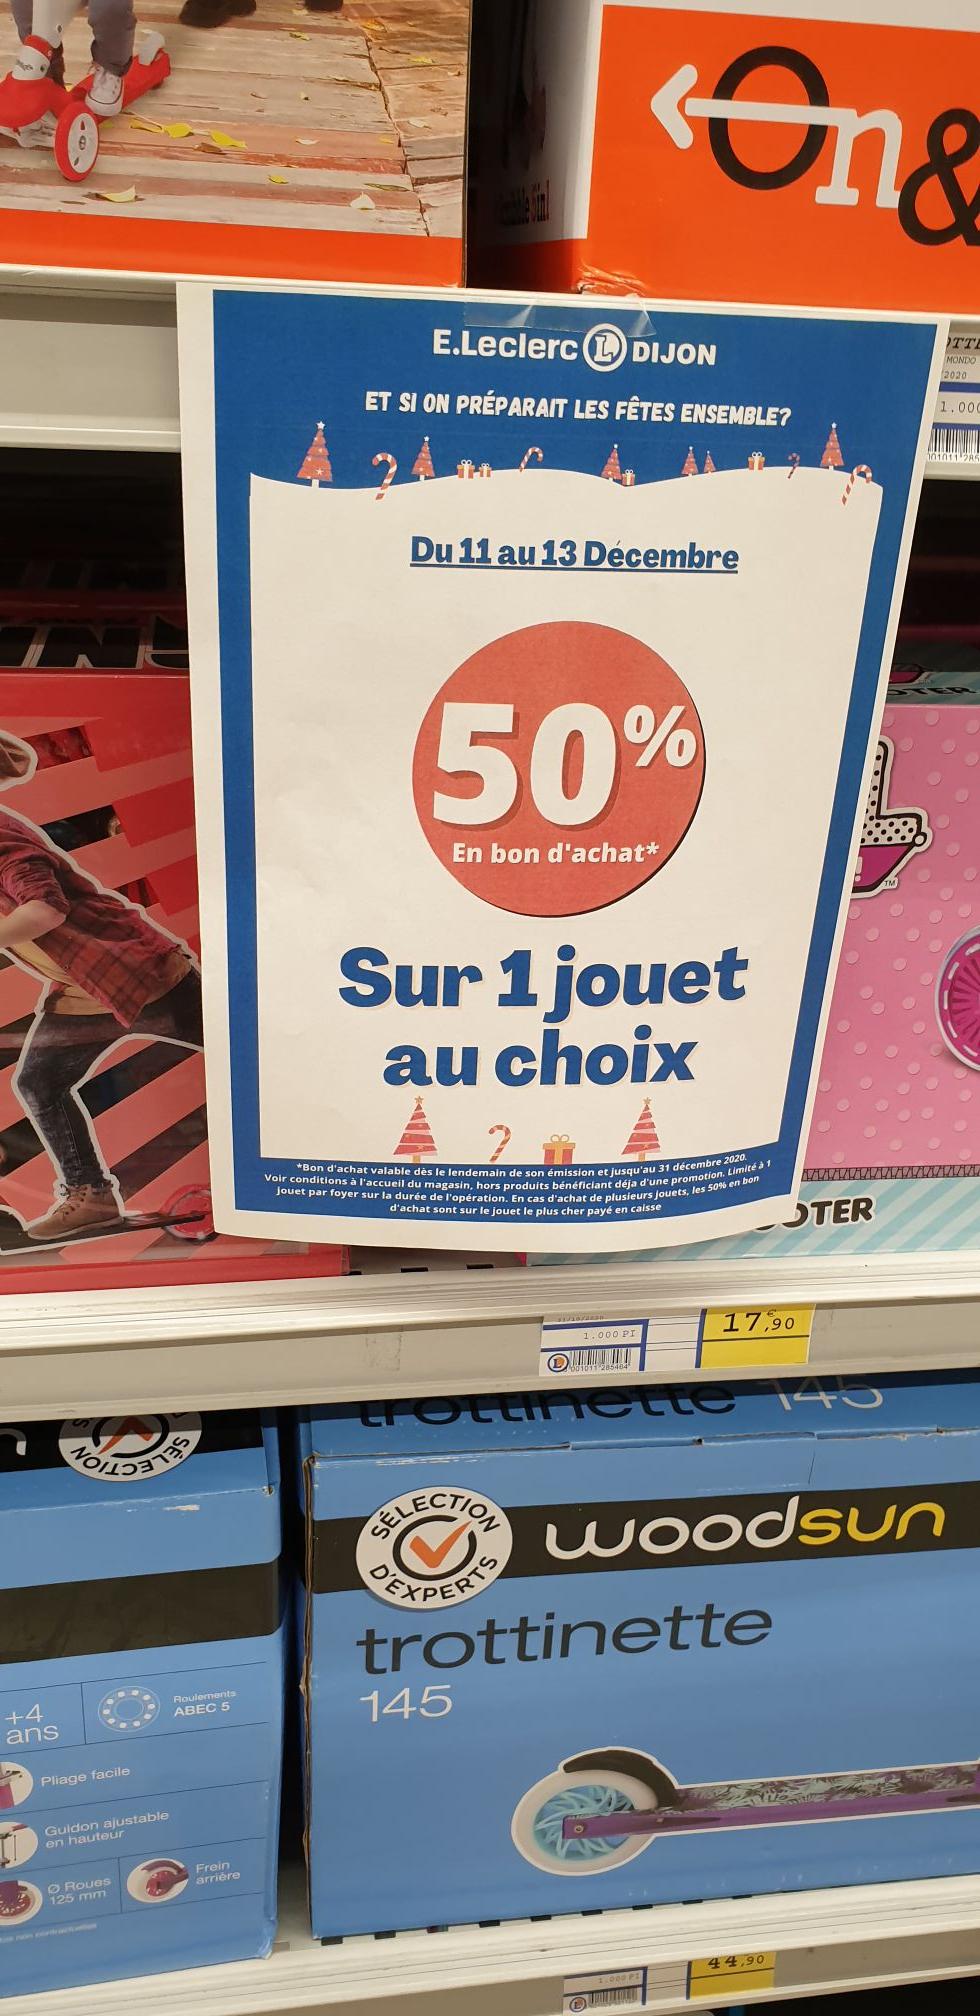 50% en bon d'achat sur 1 Jouet au choix - Dijon (21)